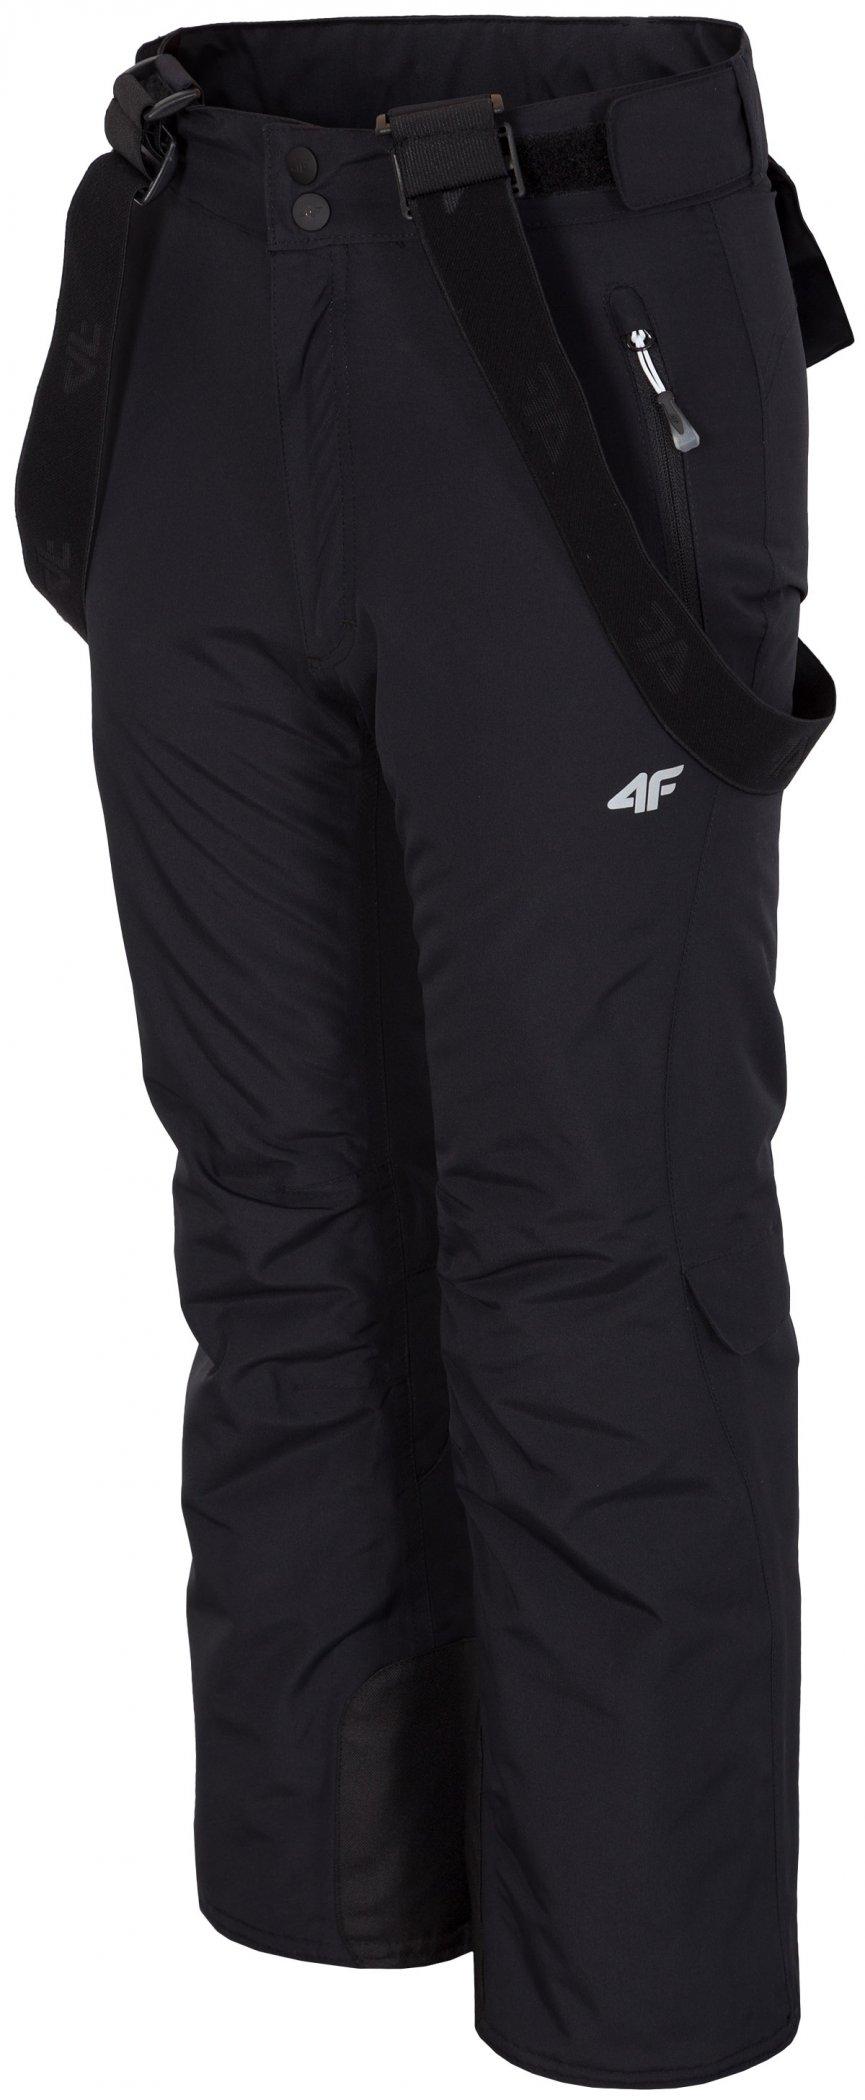 b5016909c 4F JSPMN400 dziecięce spodnie narciarskie 152cm - 7132118891 - oficjalne  archiwum allegro